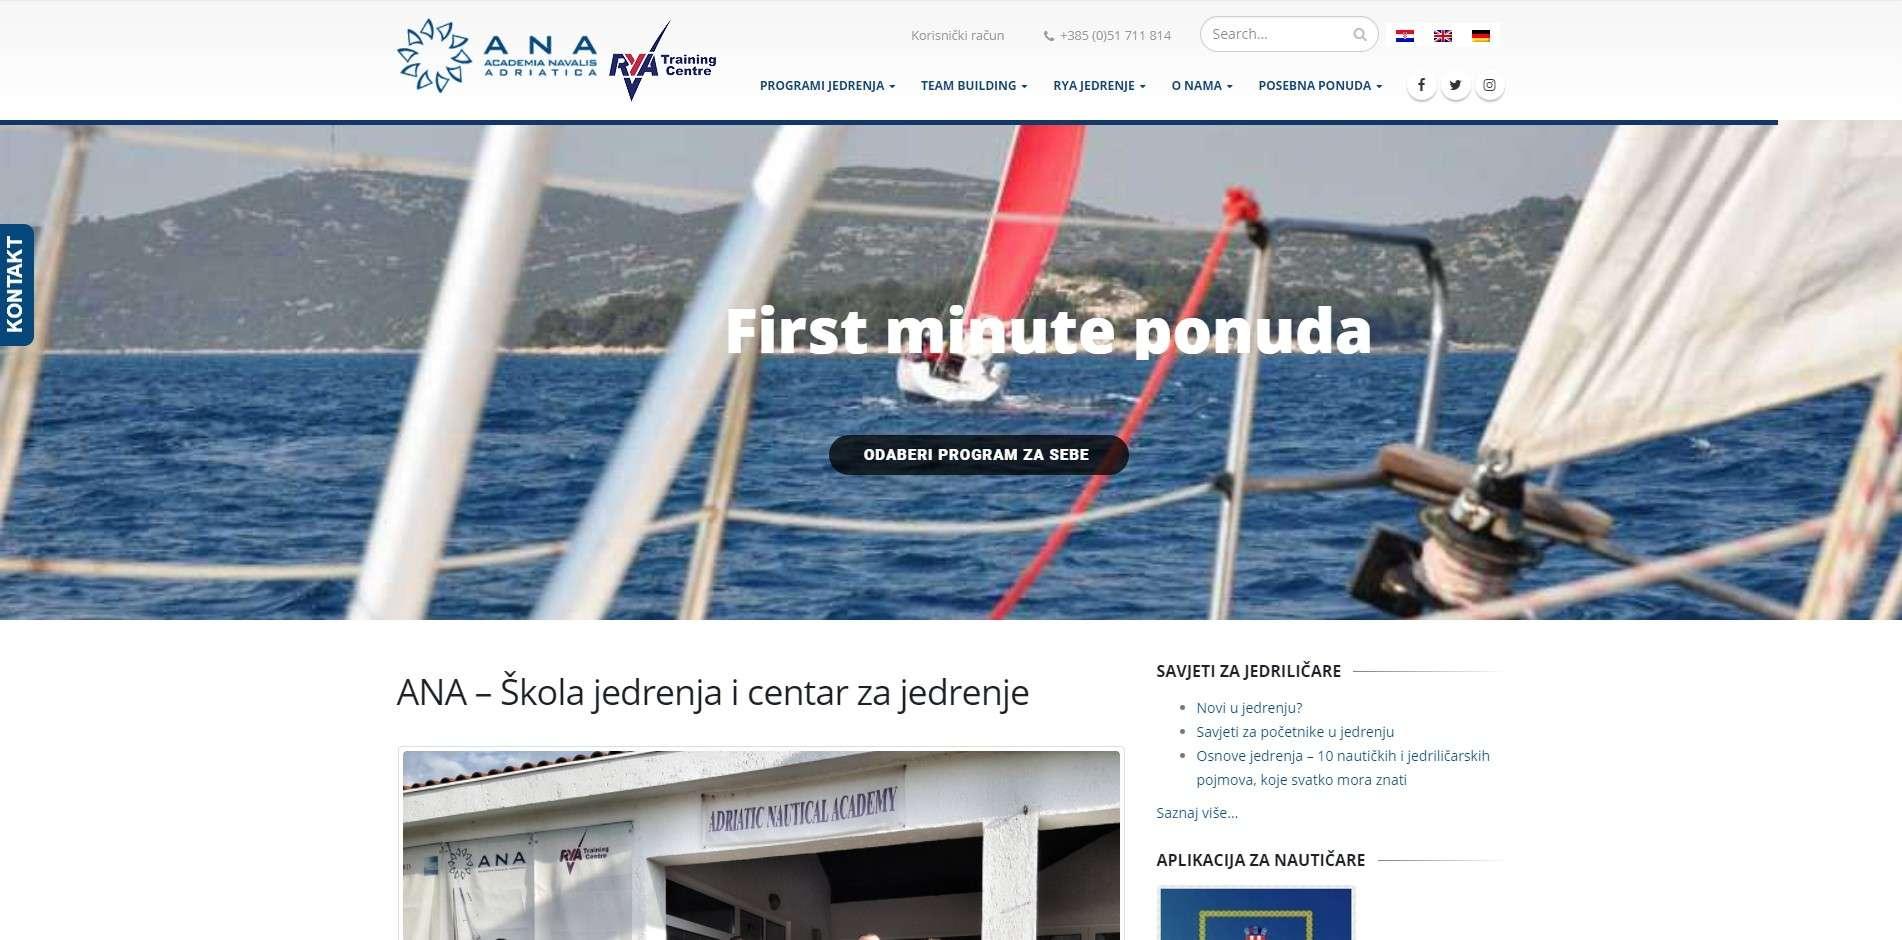 Škola i centar za jedrenje ANA